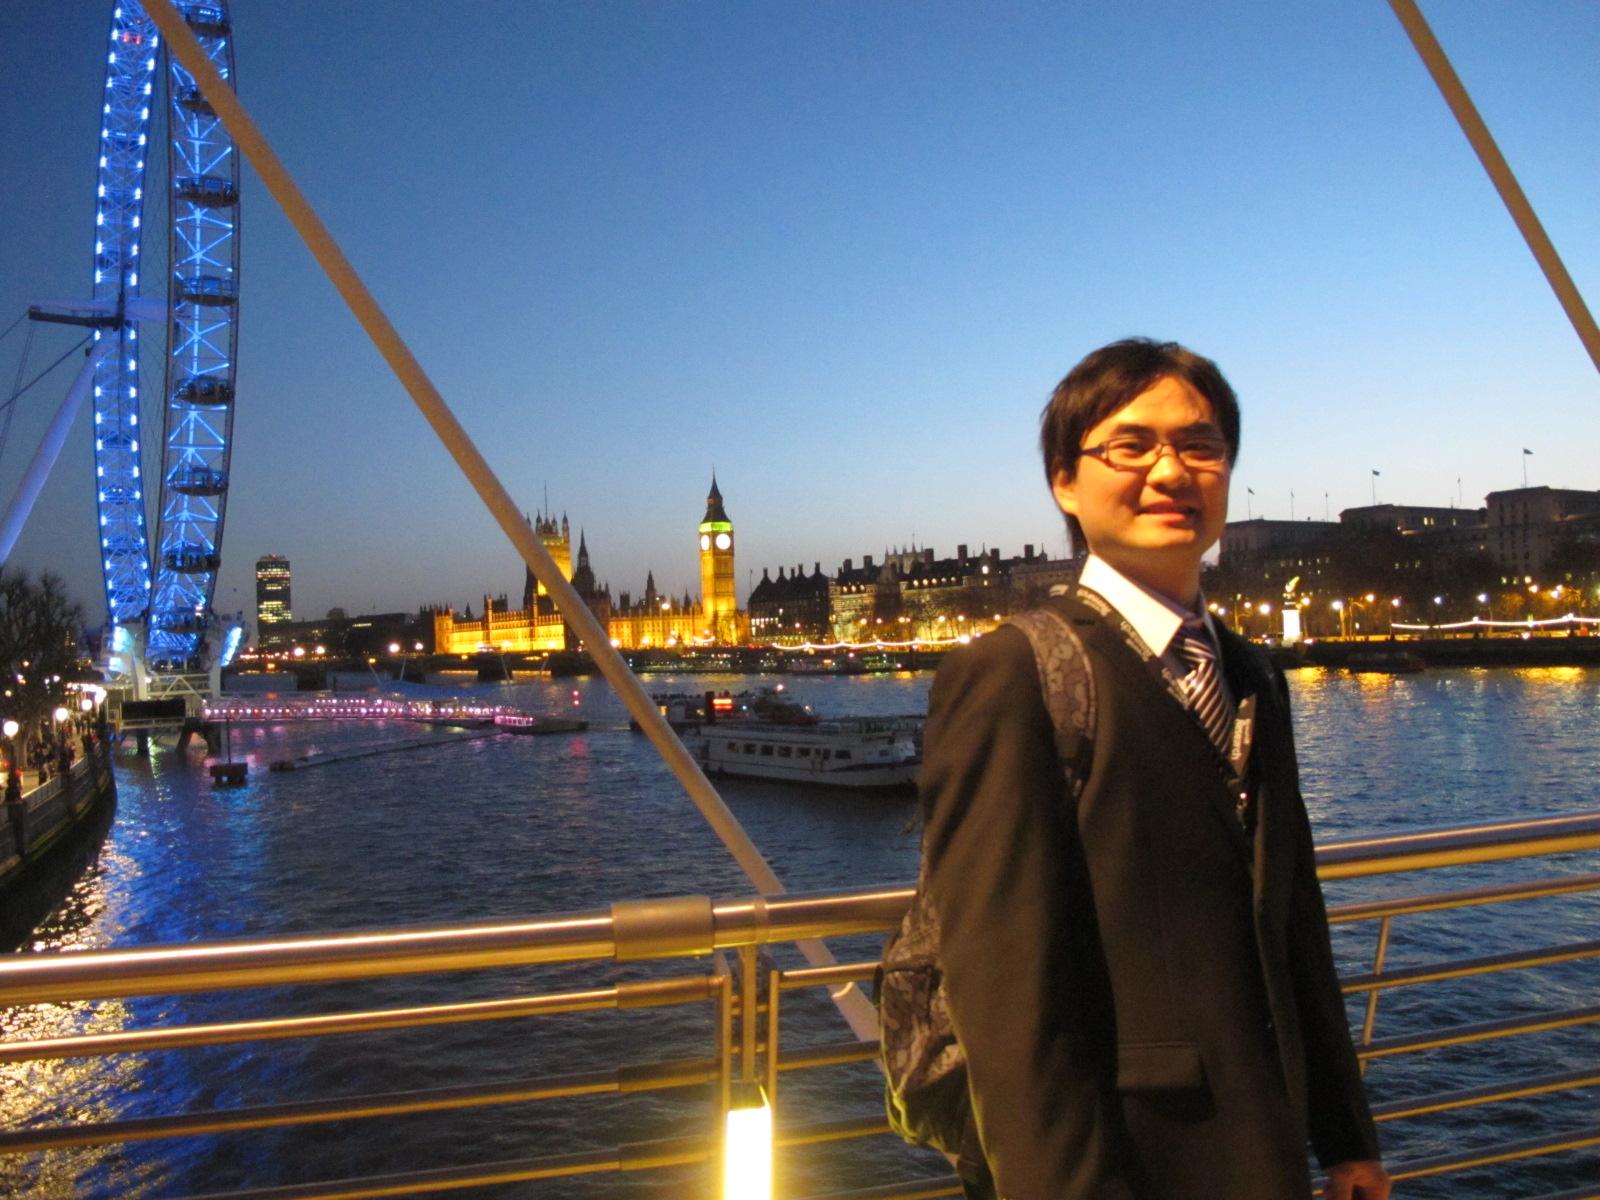 London-2012-london-eye-big-ben-and-me